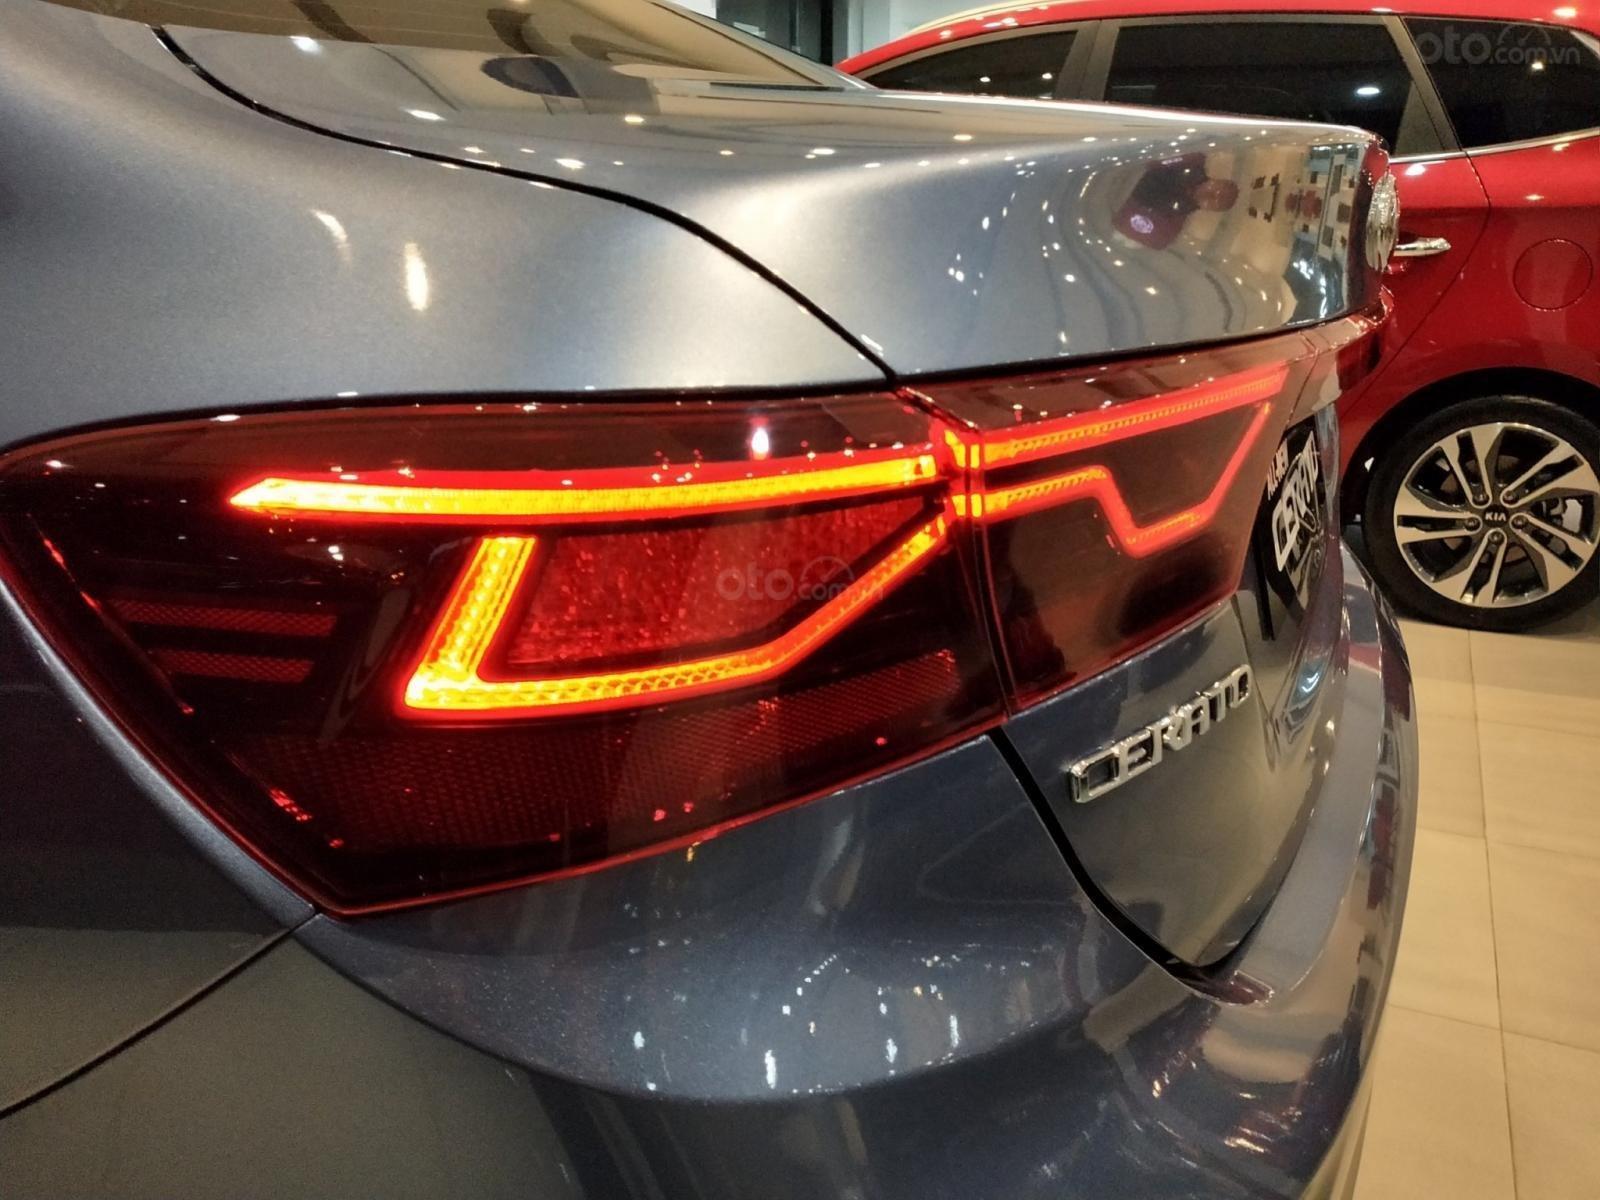 Kia Cerato 2019 nhiều ưu đãi, đủ màu, xe có sẵn và giao ngay, hỗ trợ trả góp 90%, liên hệ 093 317 0660-11